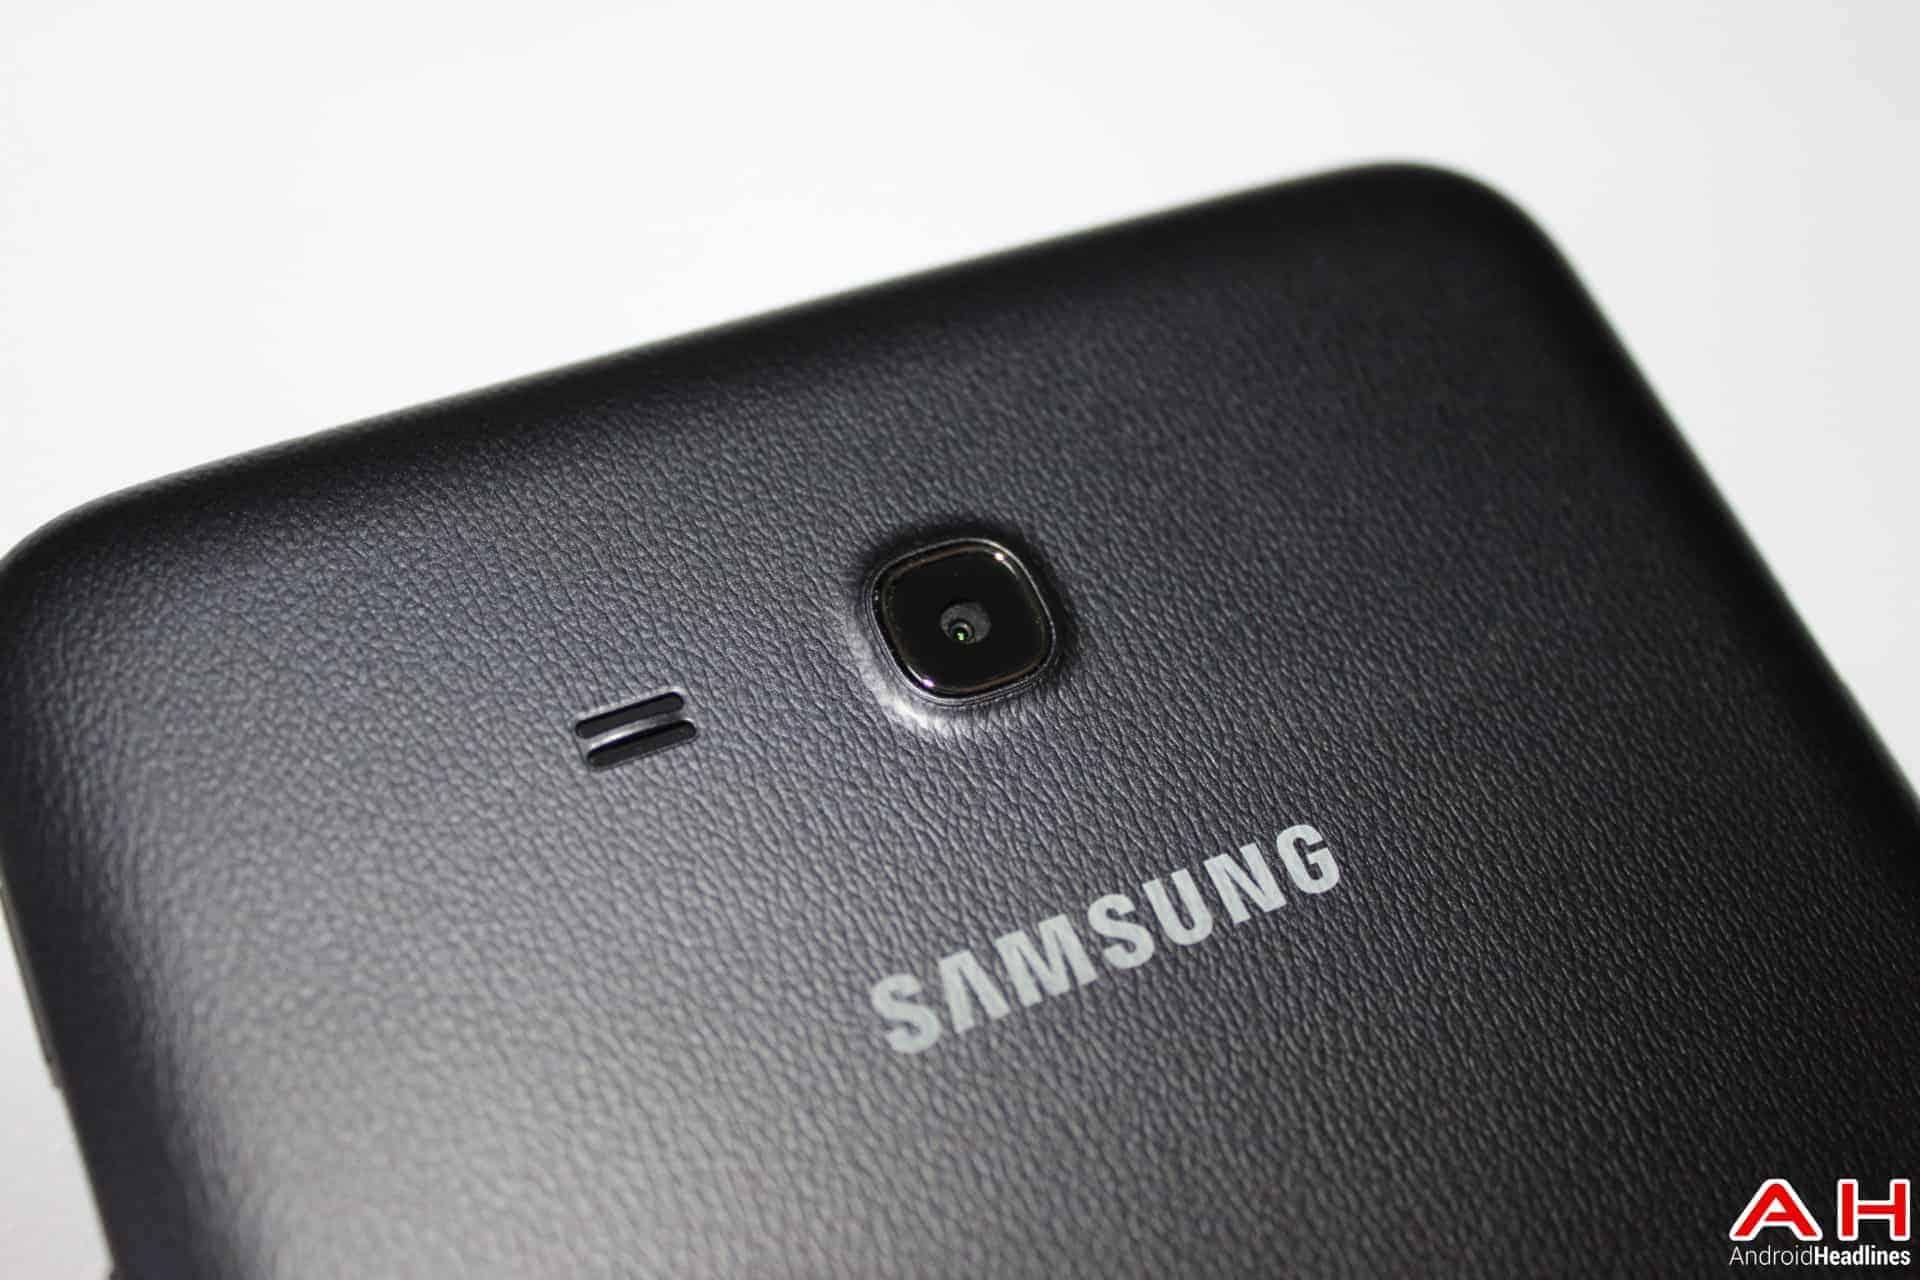 AH Samsung Logo 4.3 Tablet Galaxy Tab 3 May 31 2014